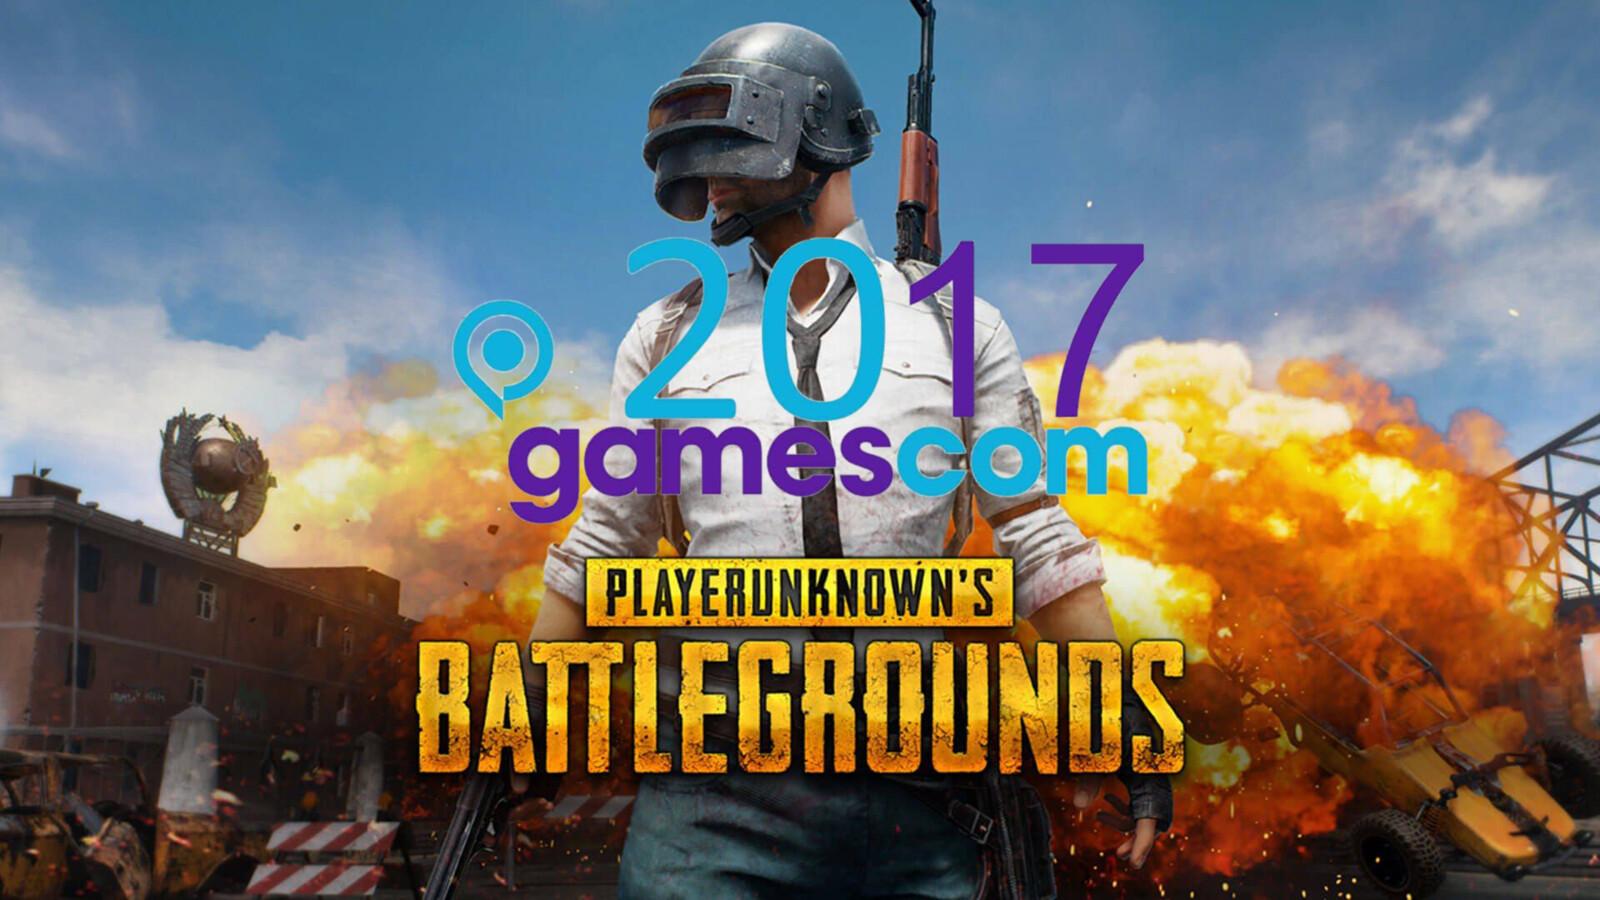 PUBG Booth @ Gamescom 2017